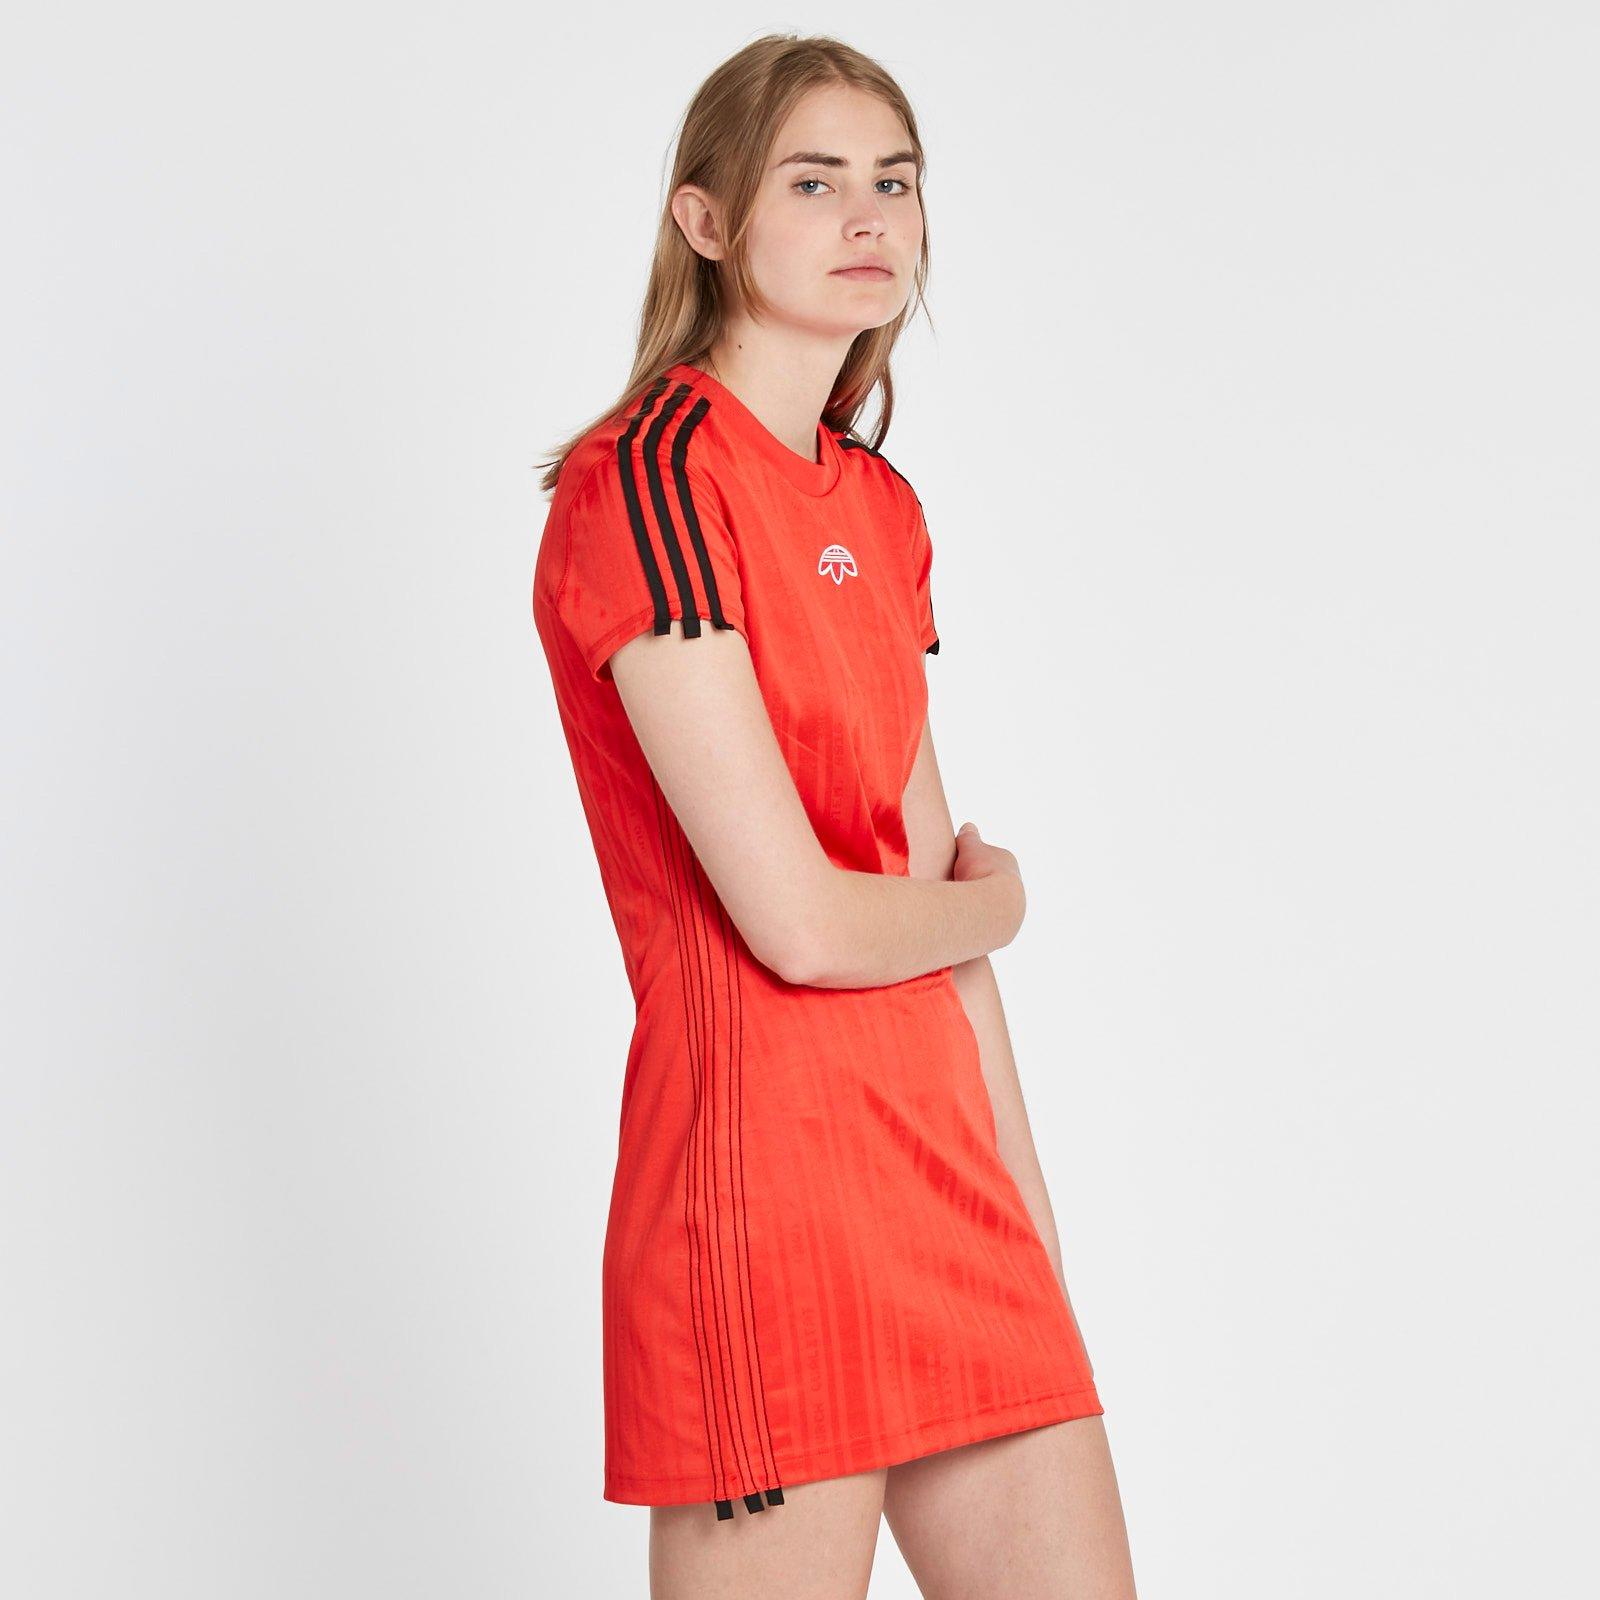 c58b8e9fe0a adidas Dress x Alexander Wang - Dm9686 - Sneakersnstuff